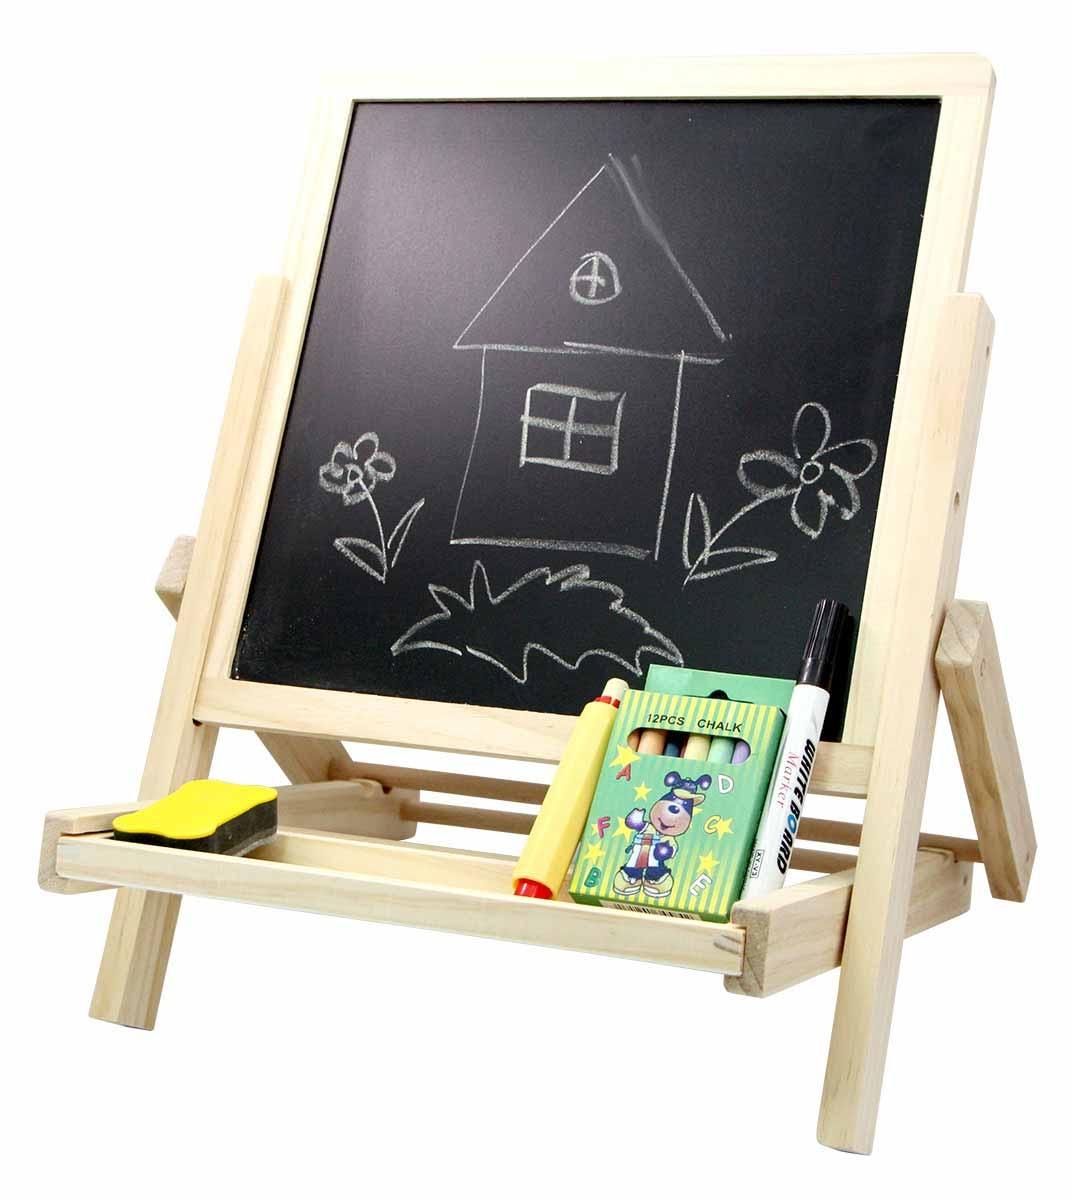 Альбомы и доски для рисования База игрушек Доска для рисования База игрушек двухсторонняя лабиринт деревянный база игрушек model 1шт